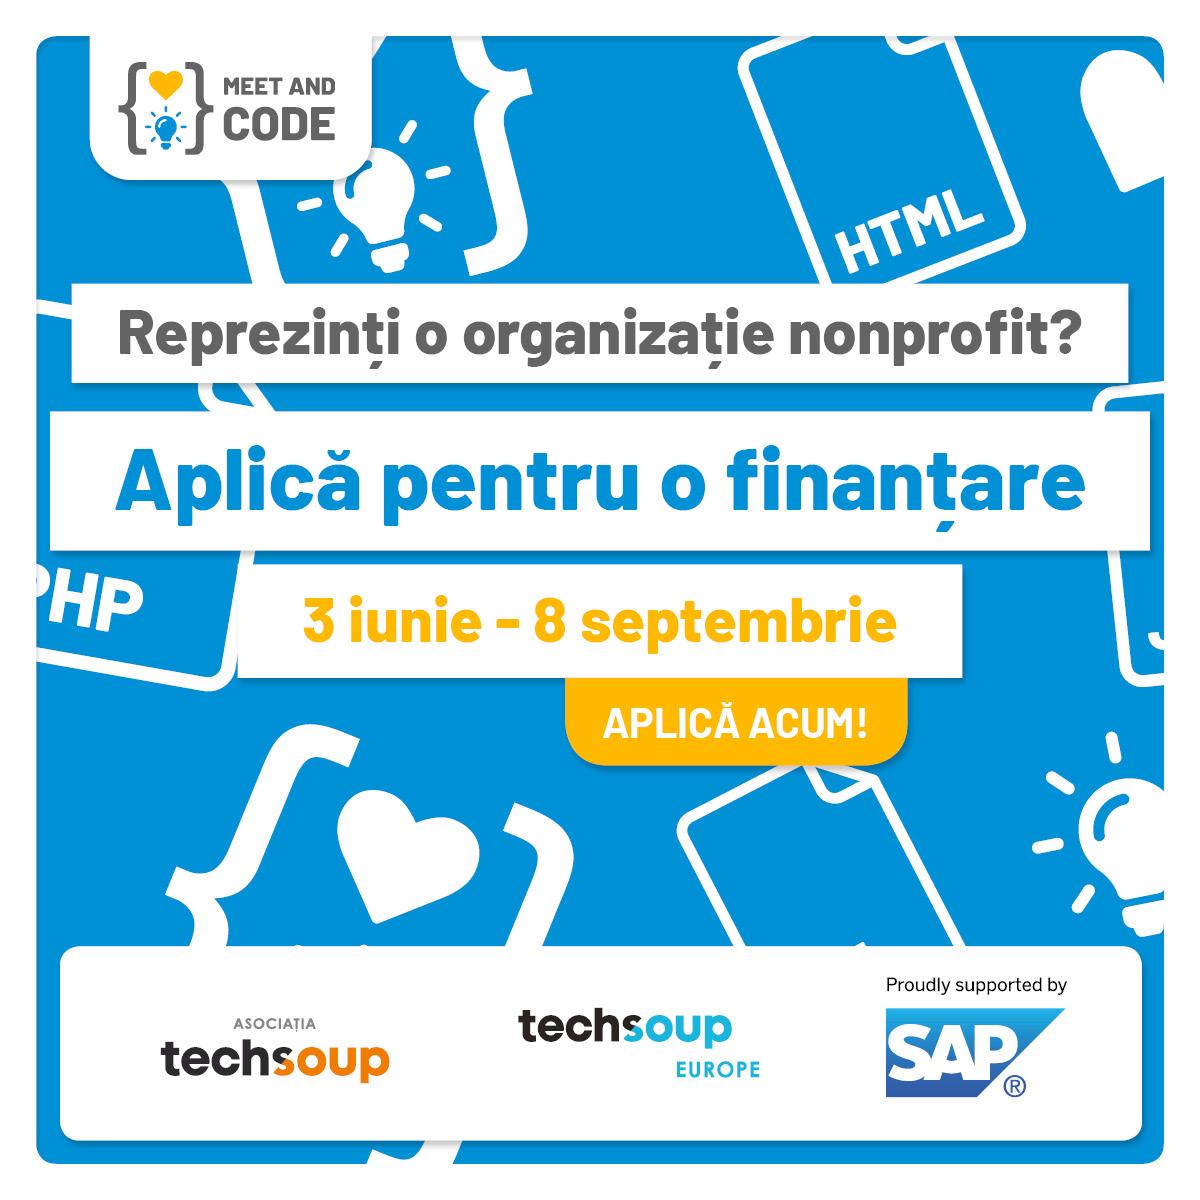 27.000 de Euro pentru evenimente de programare È™i tehnologie organizate de ONG-uri